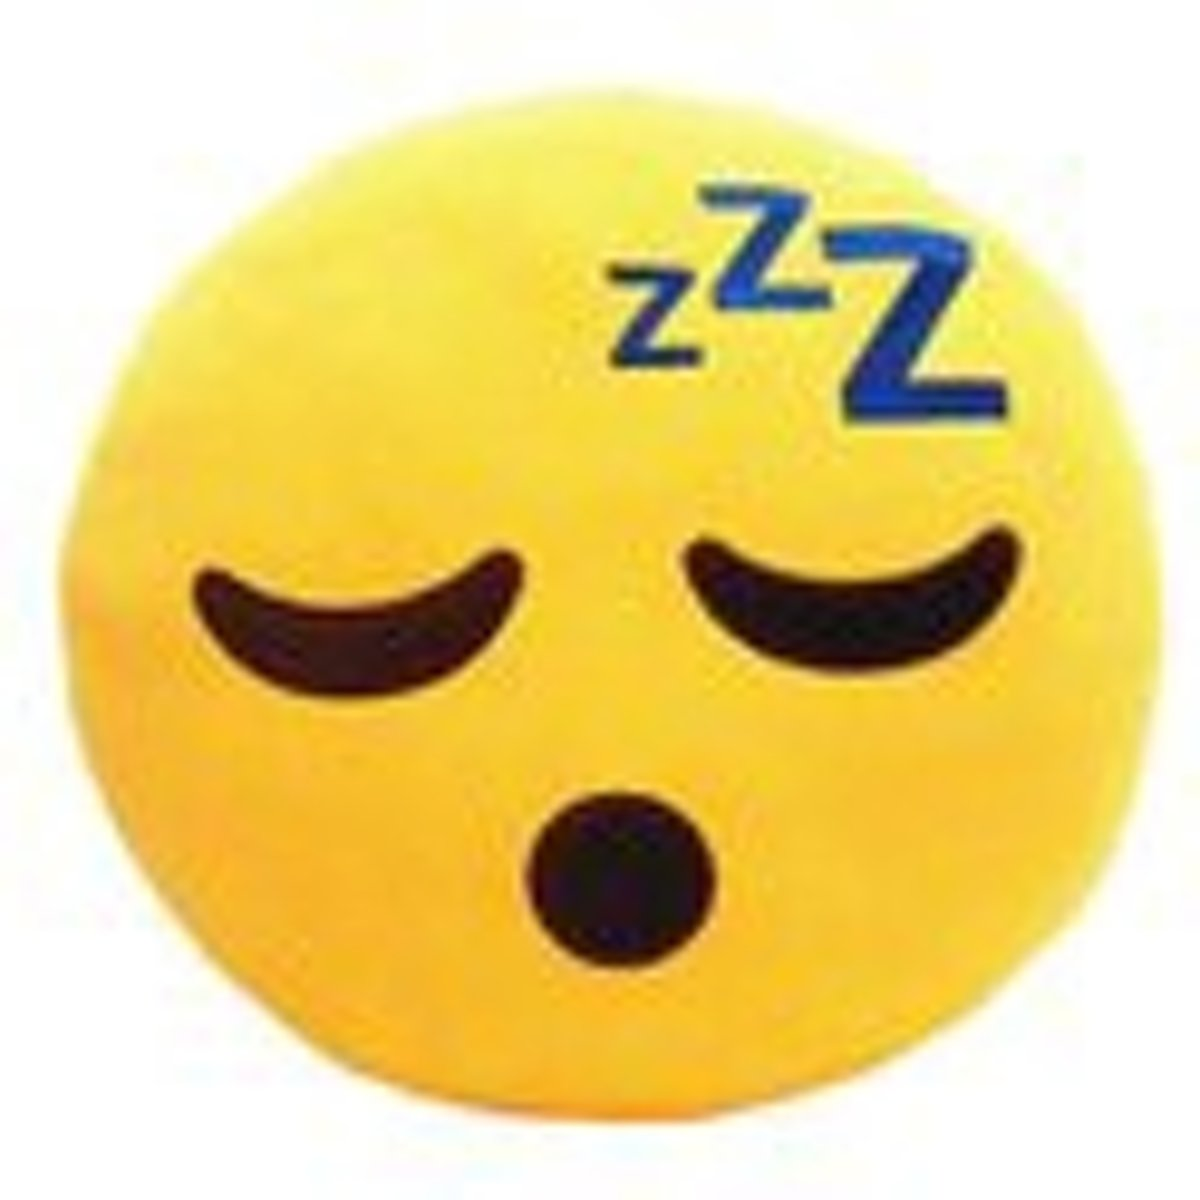 Afbeeldingsresultaat voor slaap emoji